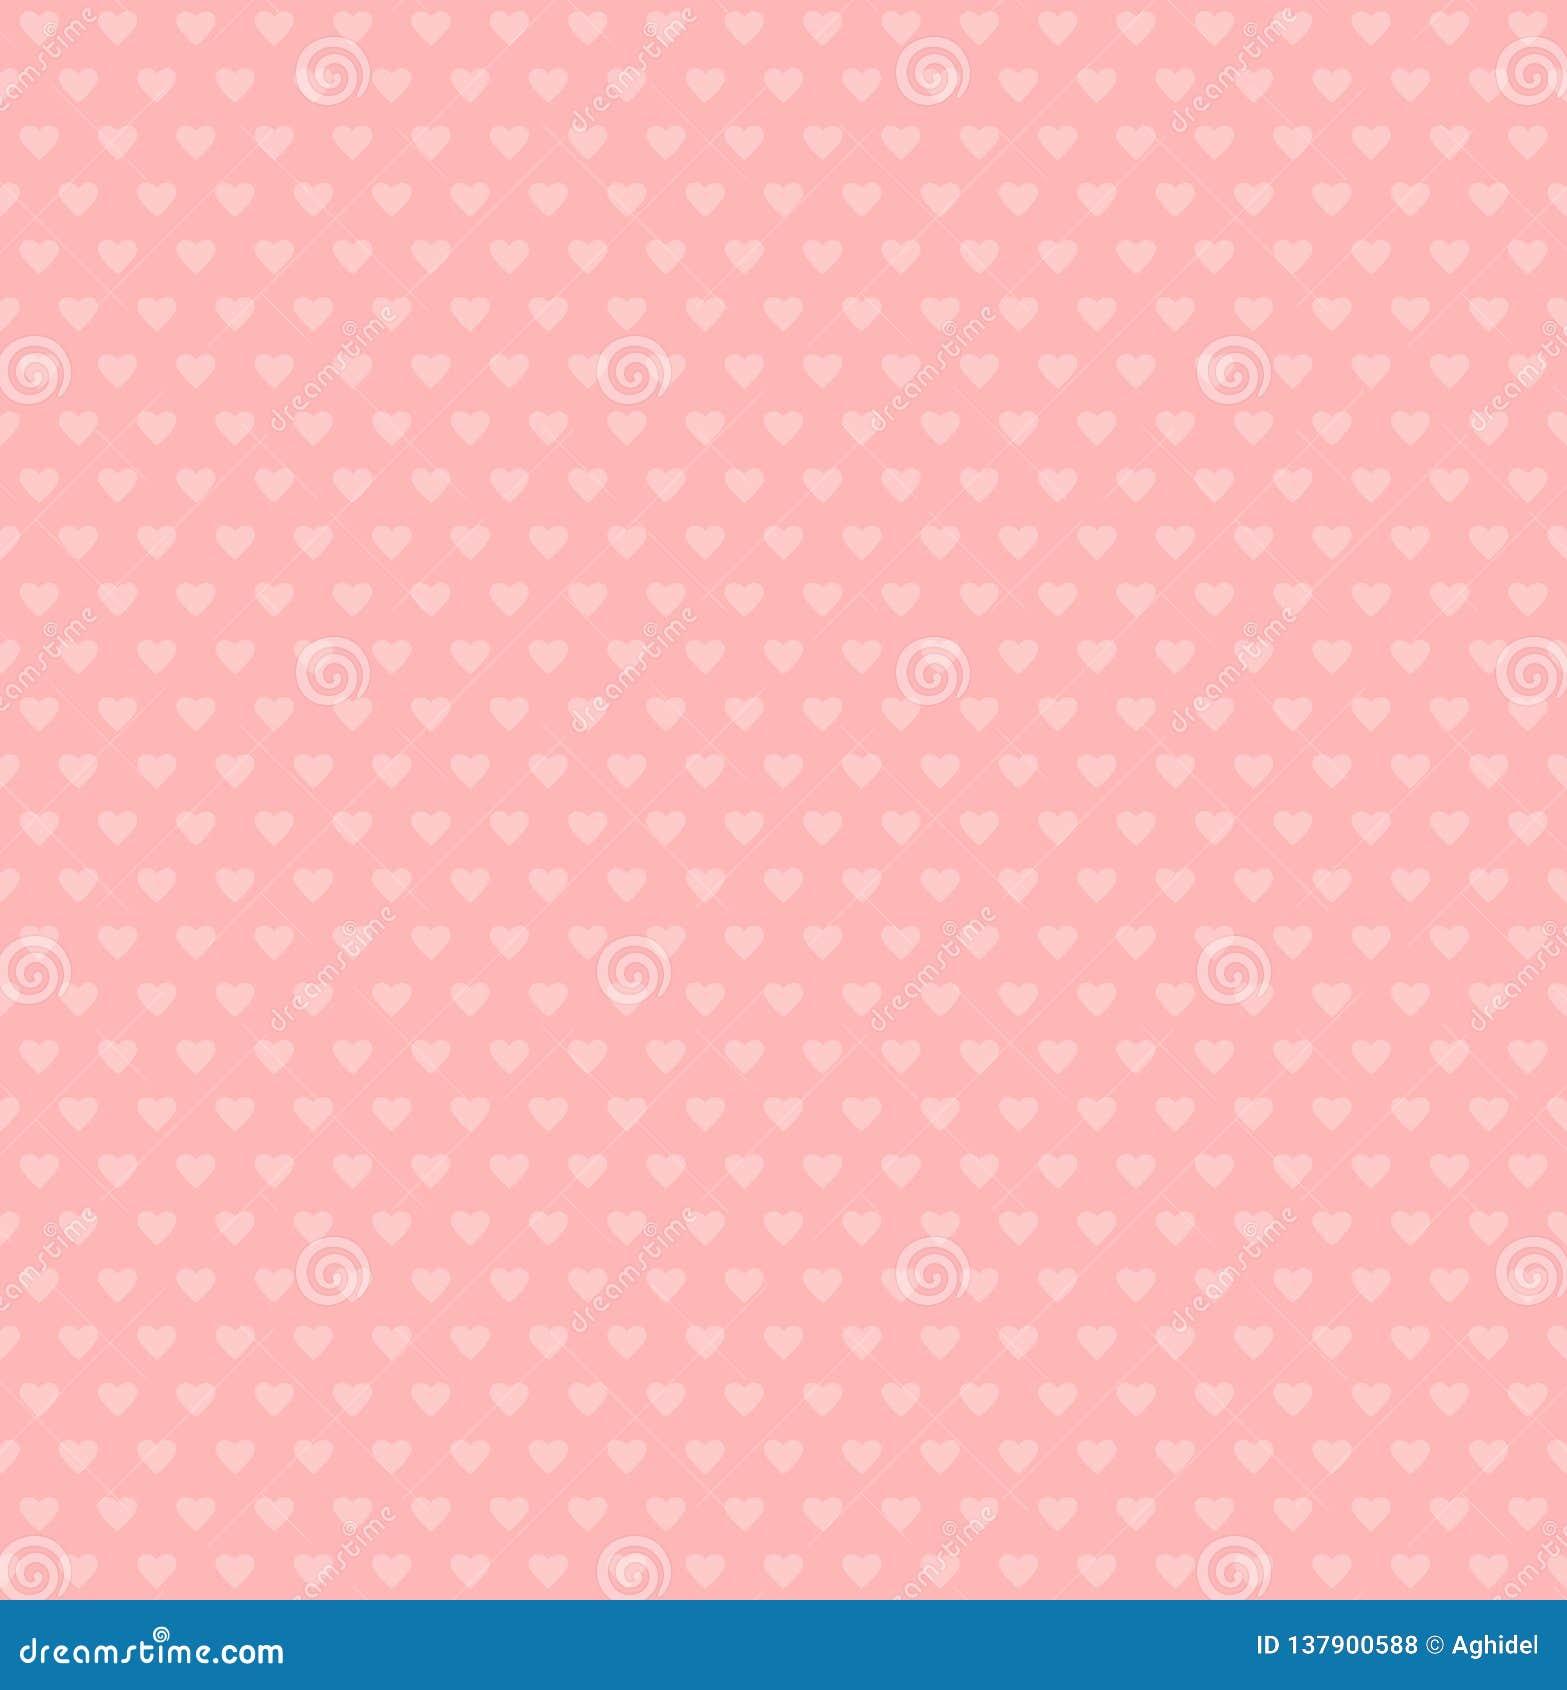 Vectorhartenvormen eenvoudige roze achtergrond Het naadloze patroon van valentijnskaarten Huwelijkstextuur